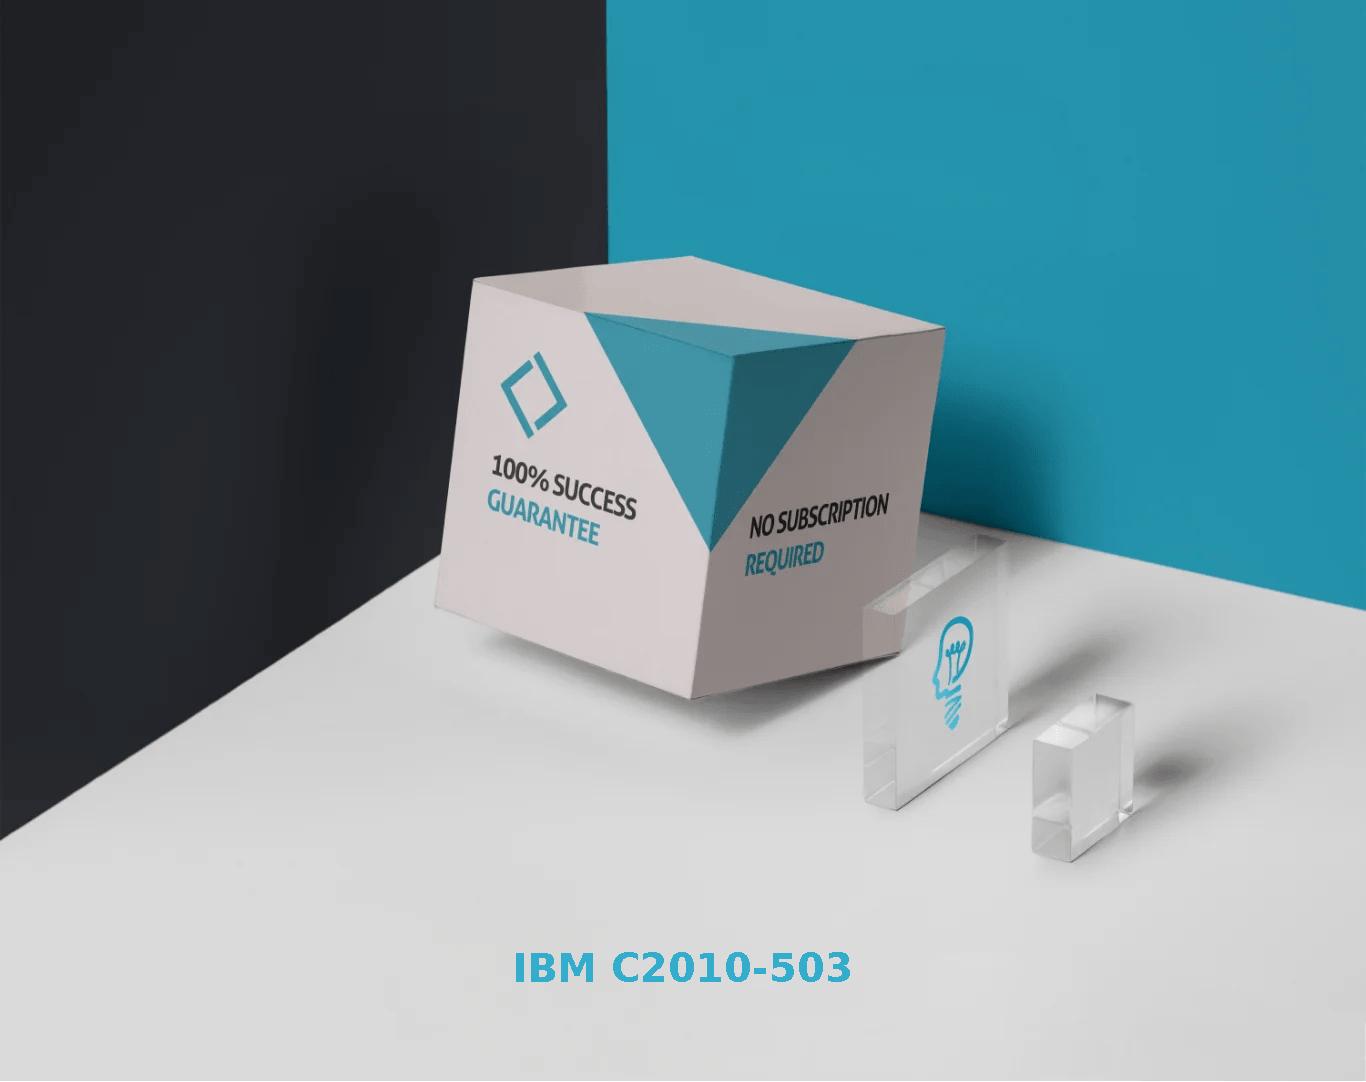 C2010-503 Dumps